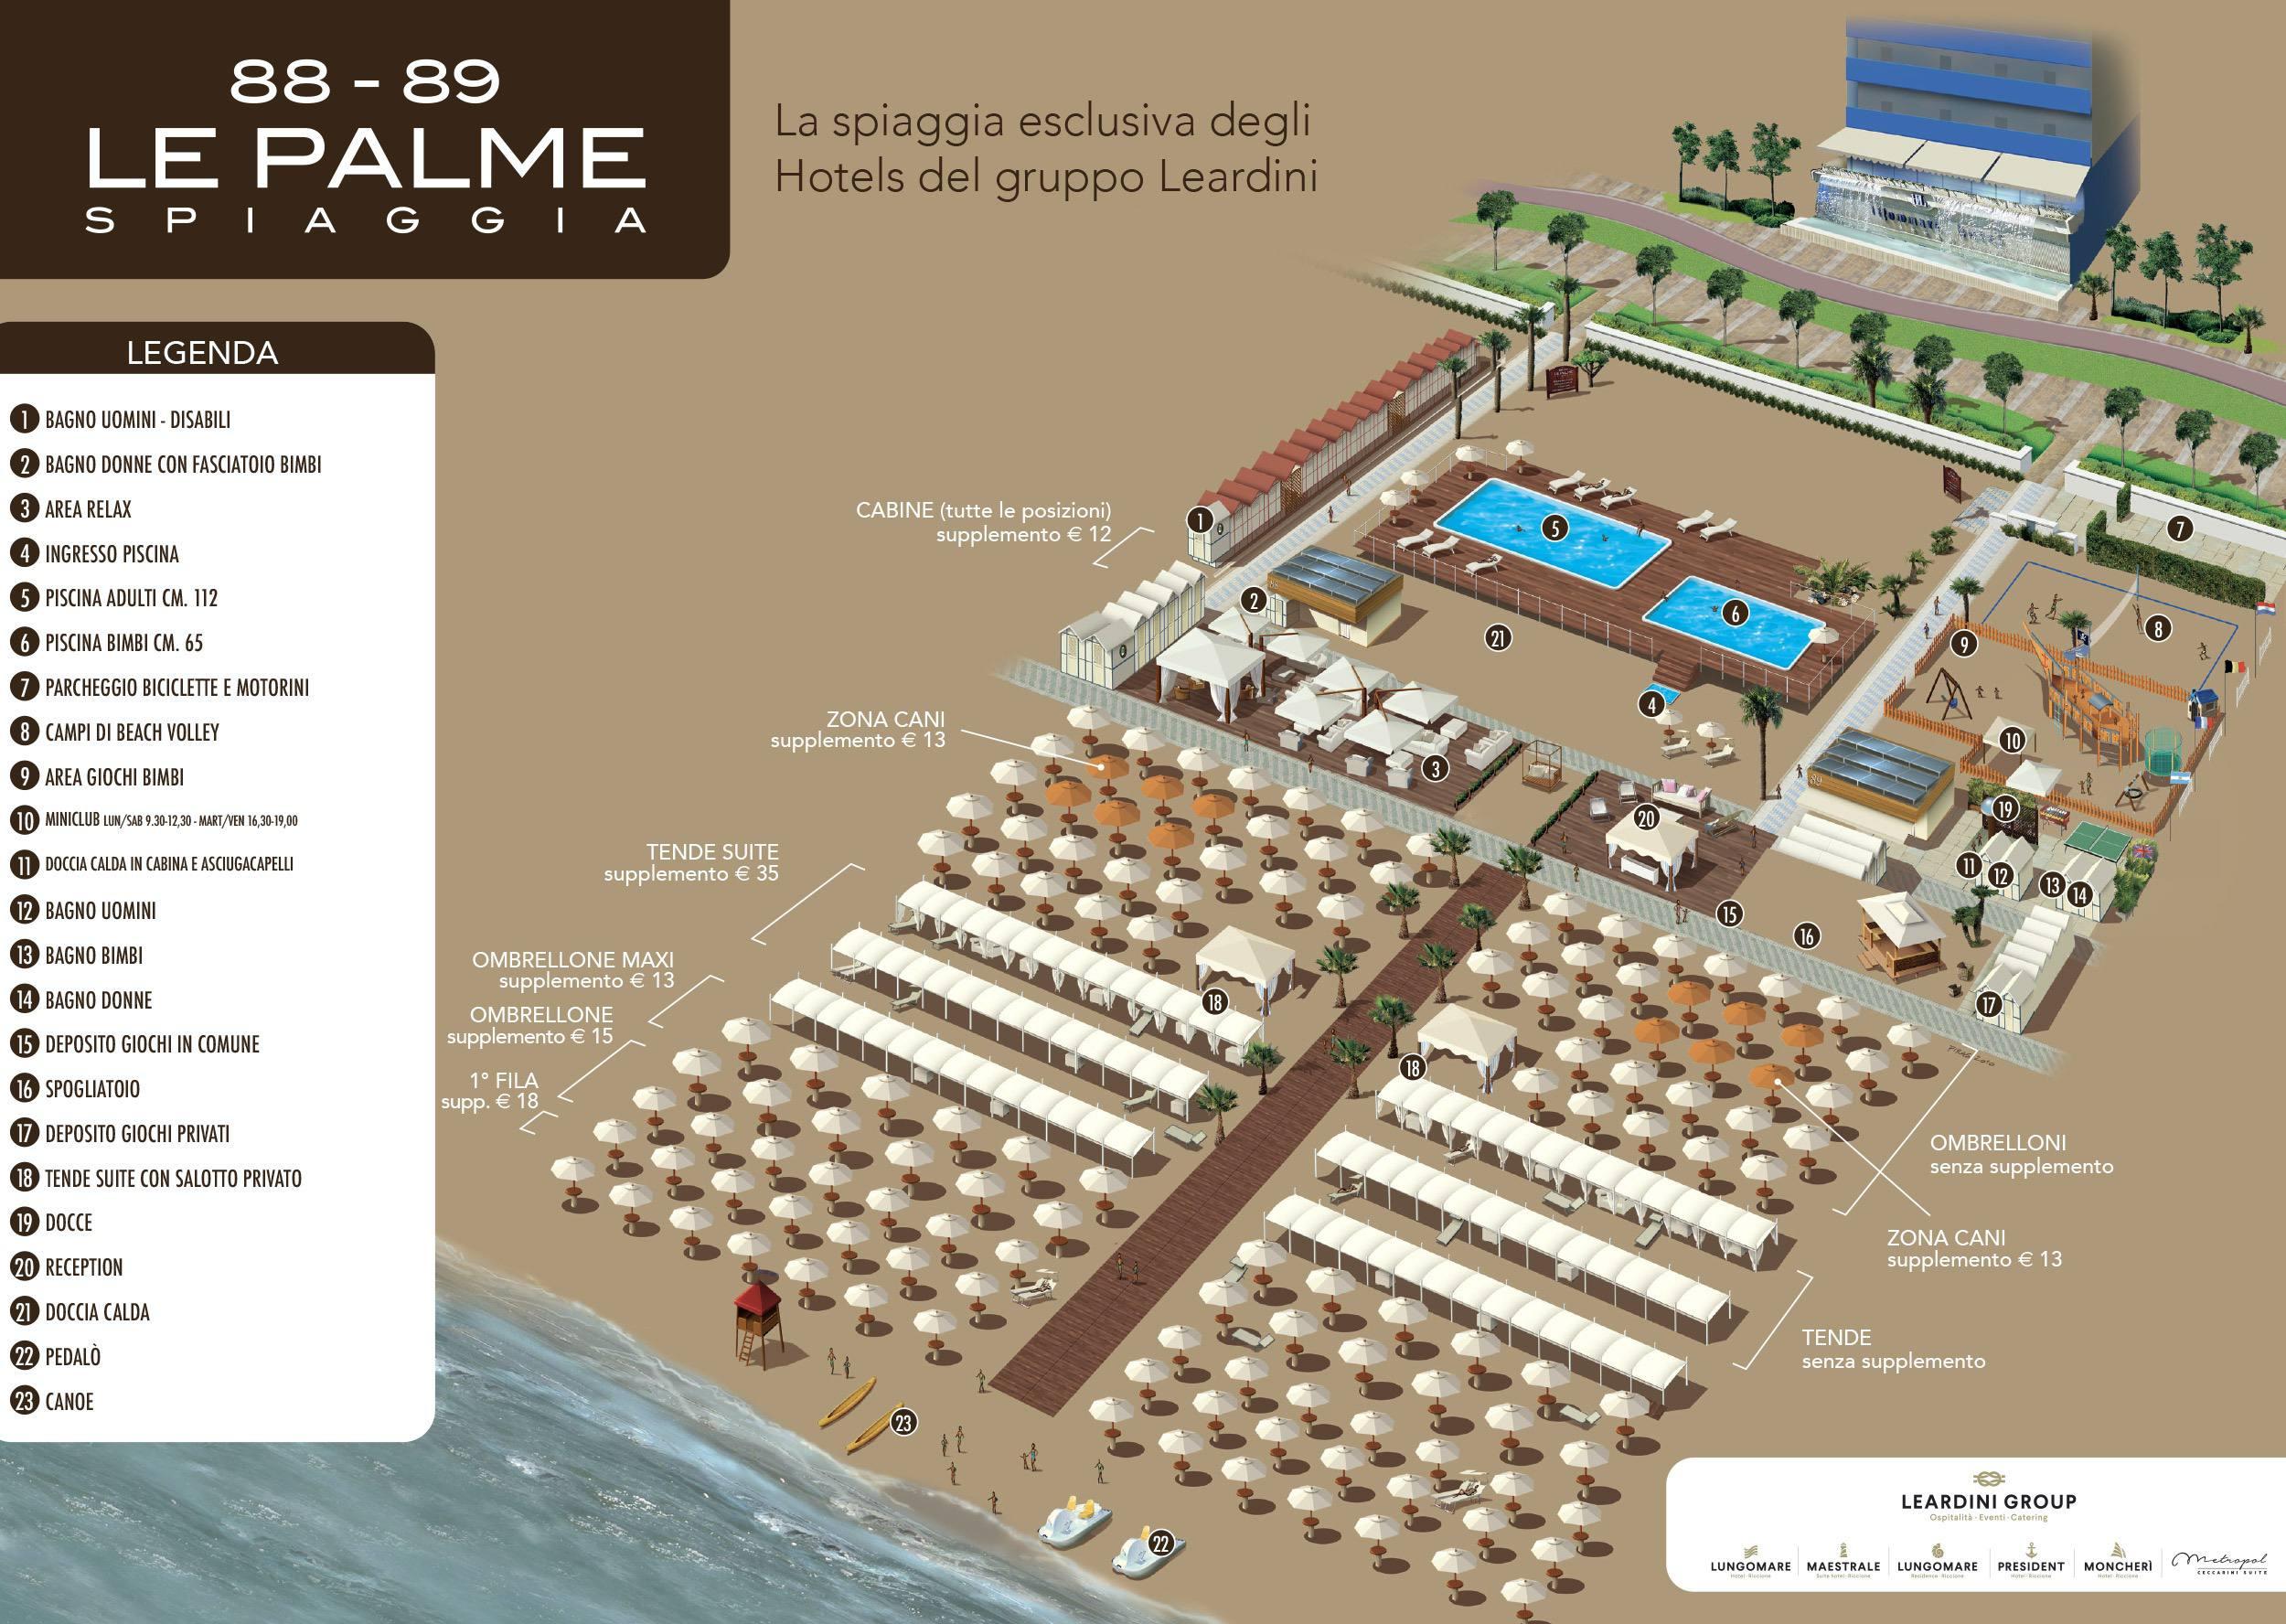 Spiaggia Private Le Palme Beach 88-89 Riccione